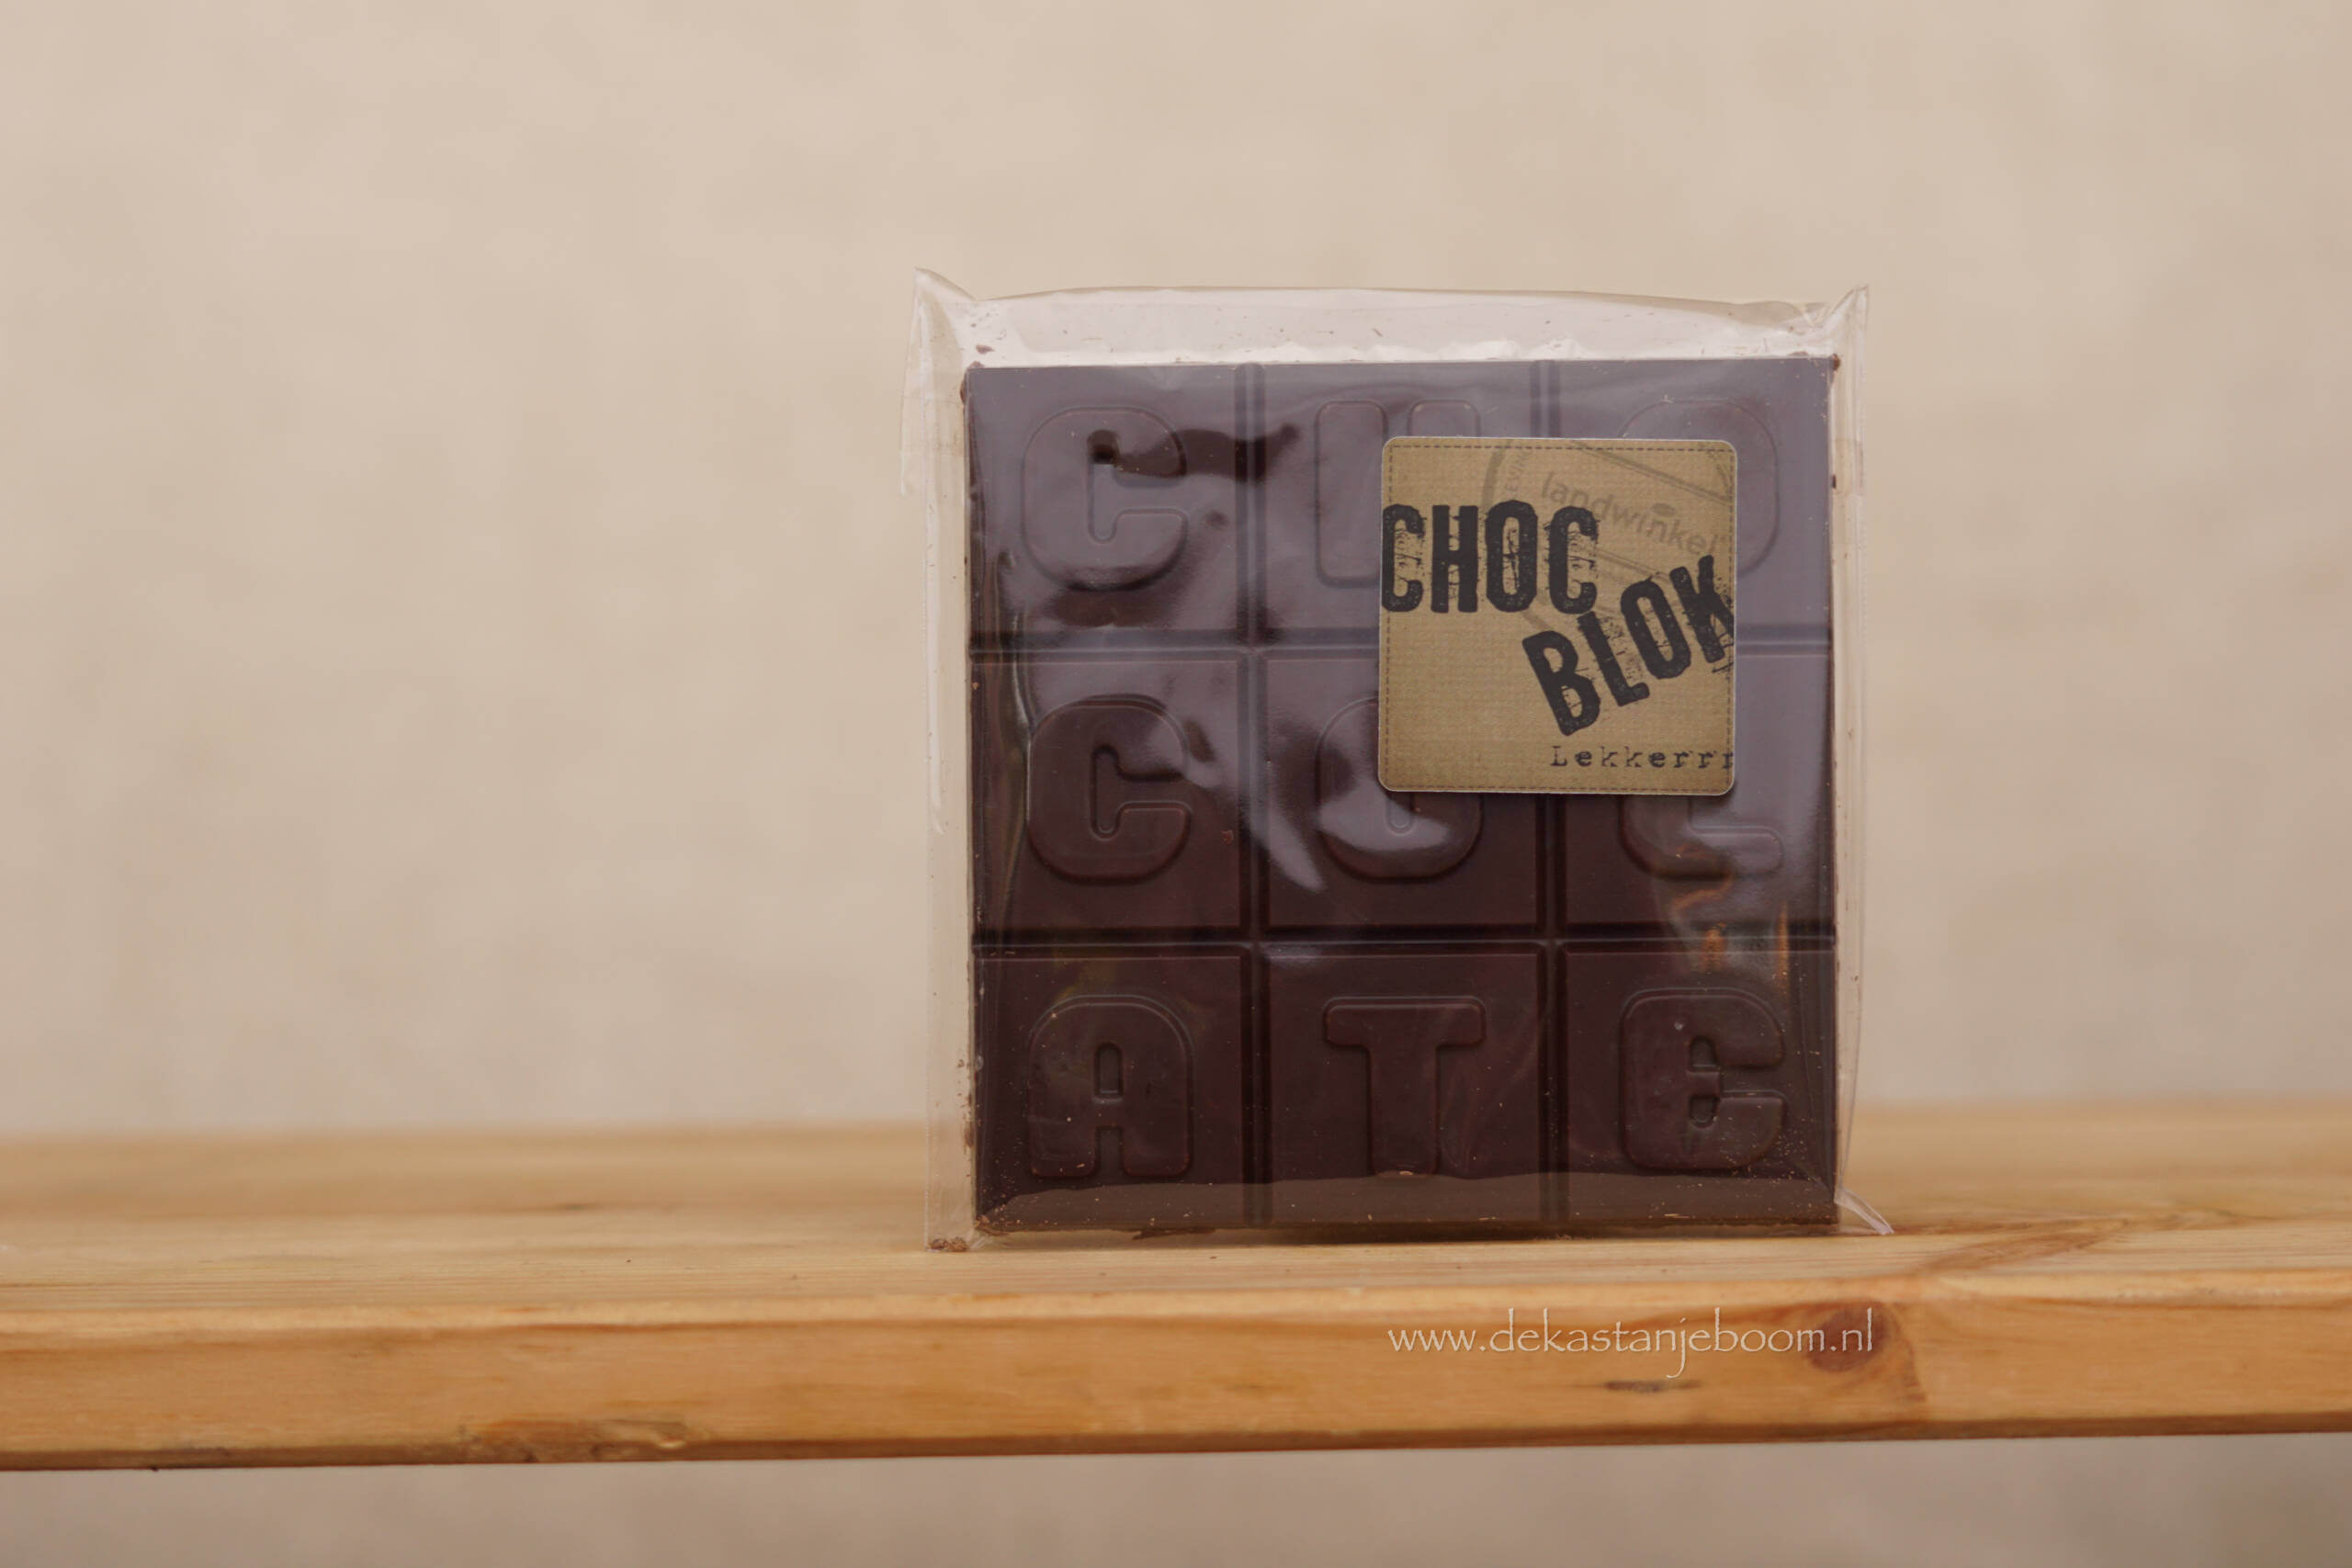 Choco blok puur